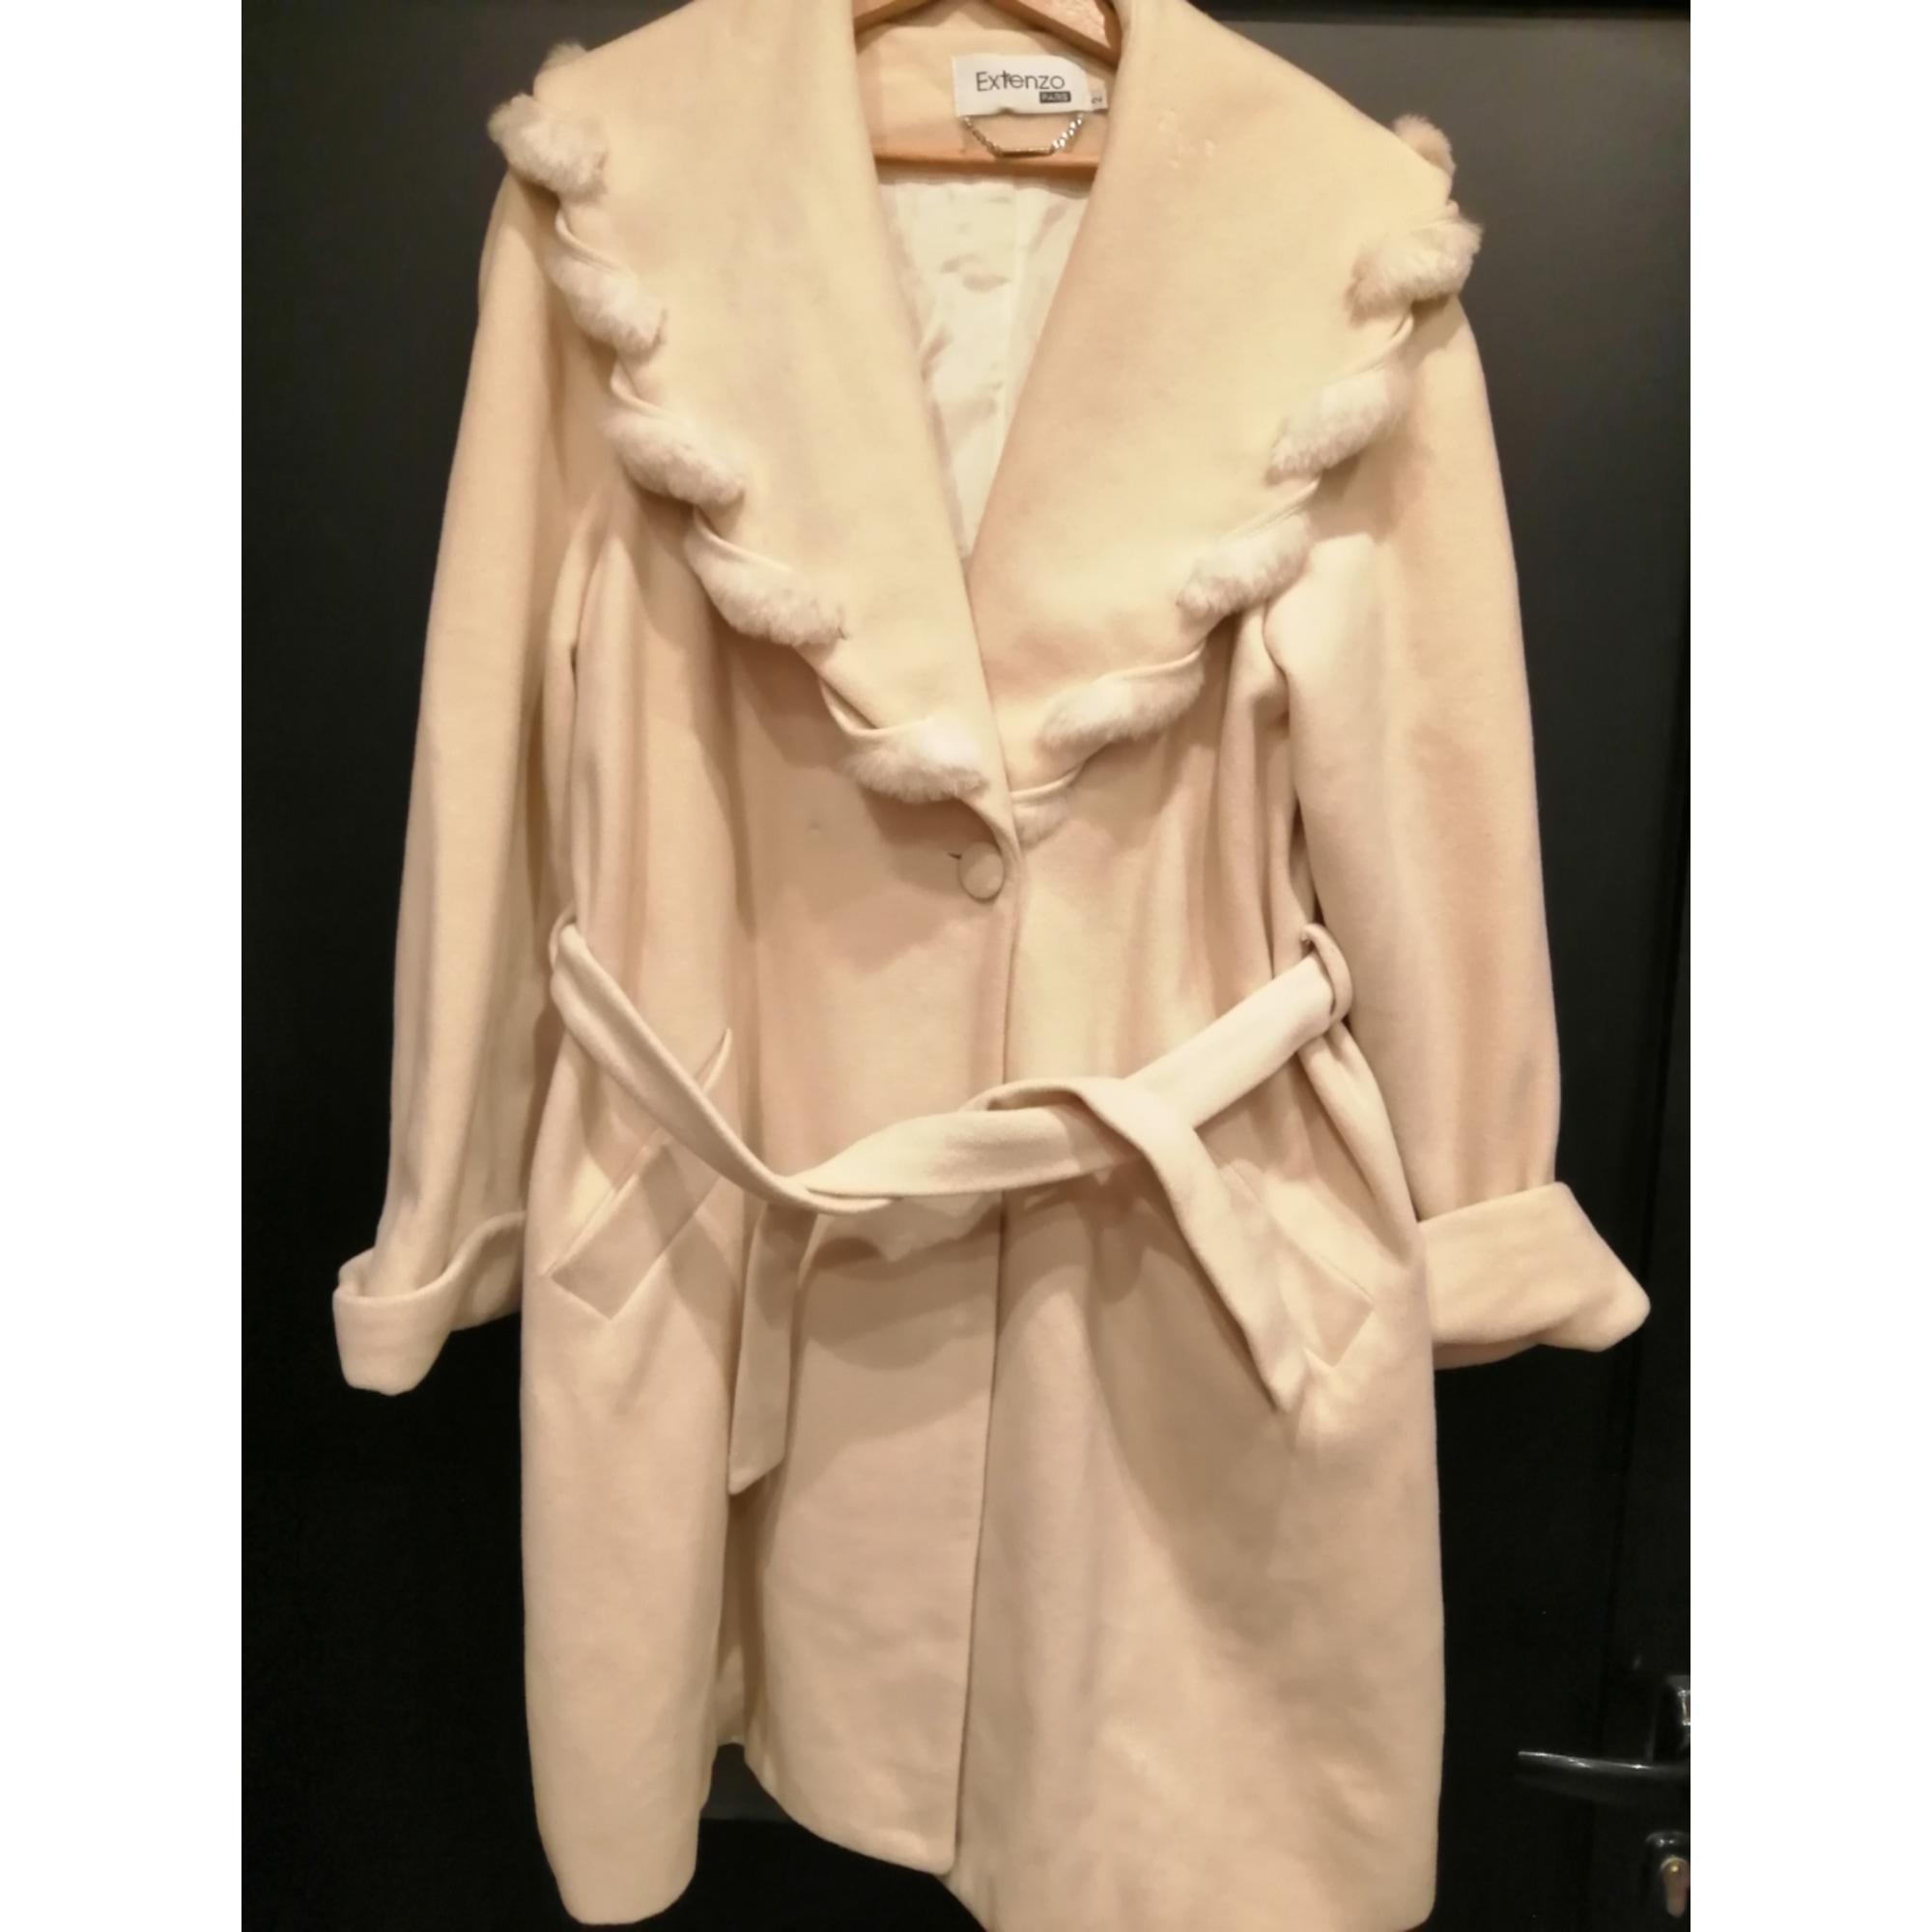 Manteau EXTENZO PARIS Blanc, blanc cassé, écru